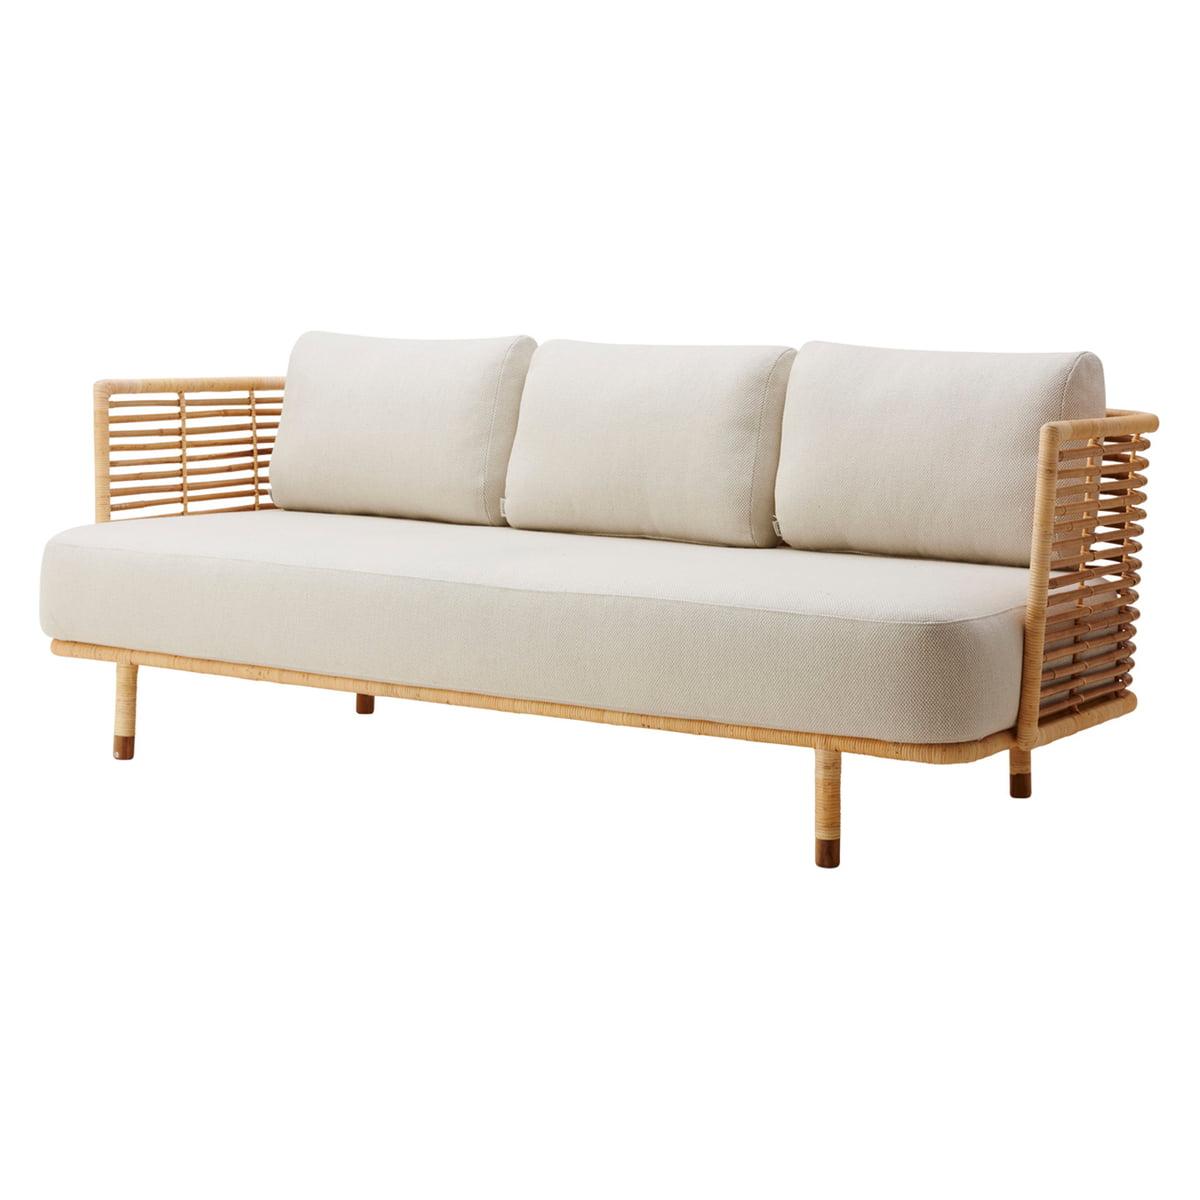 Cane-line - Sense 3-Sitzer Sofa Indoor, natur / off-white